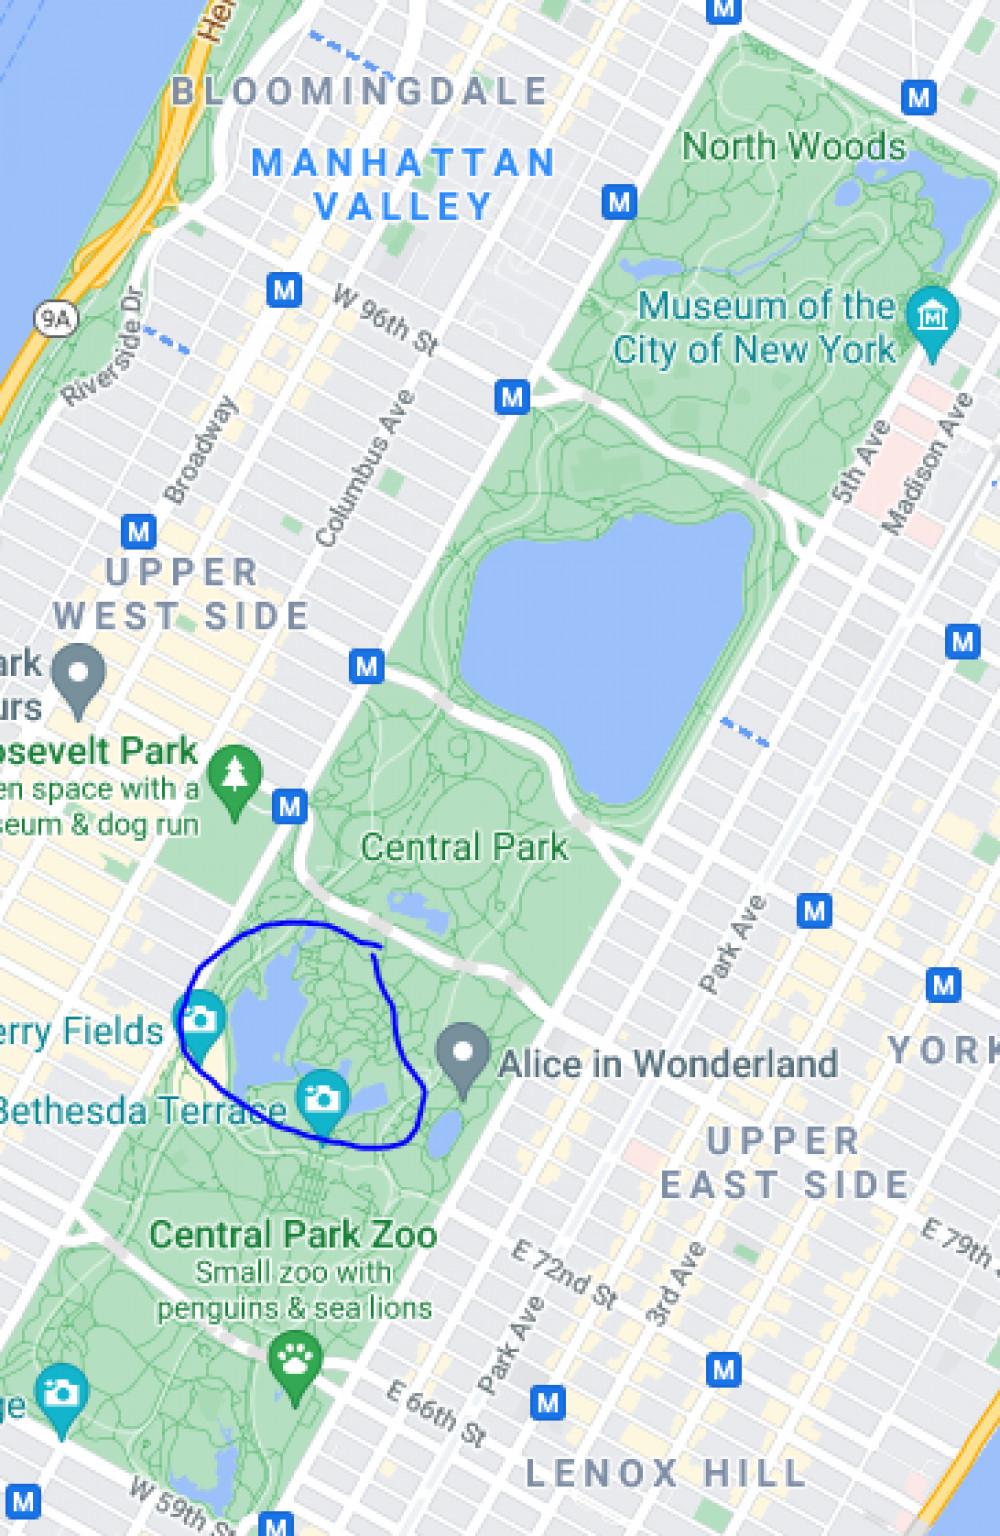 中央公园里可以划船的湖